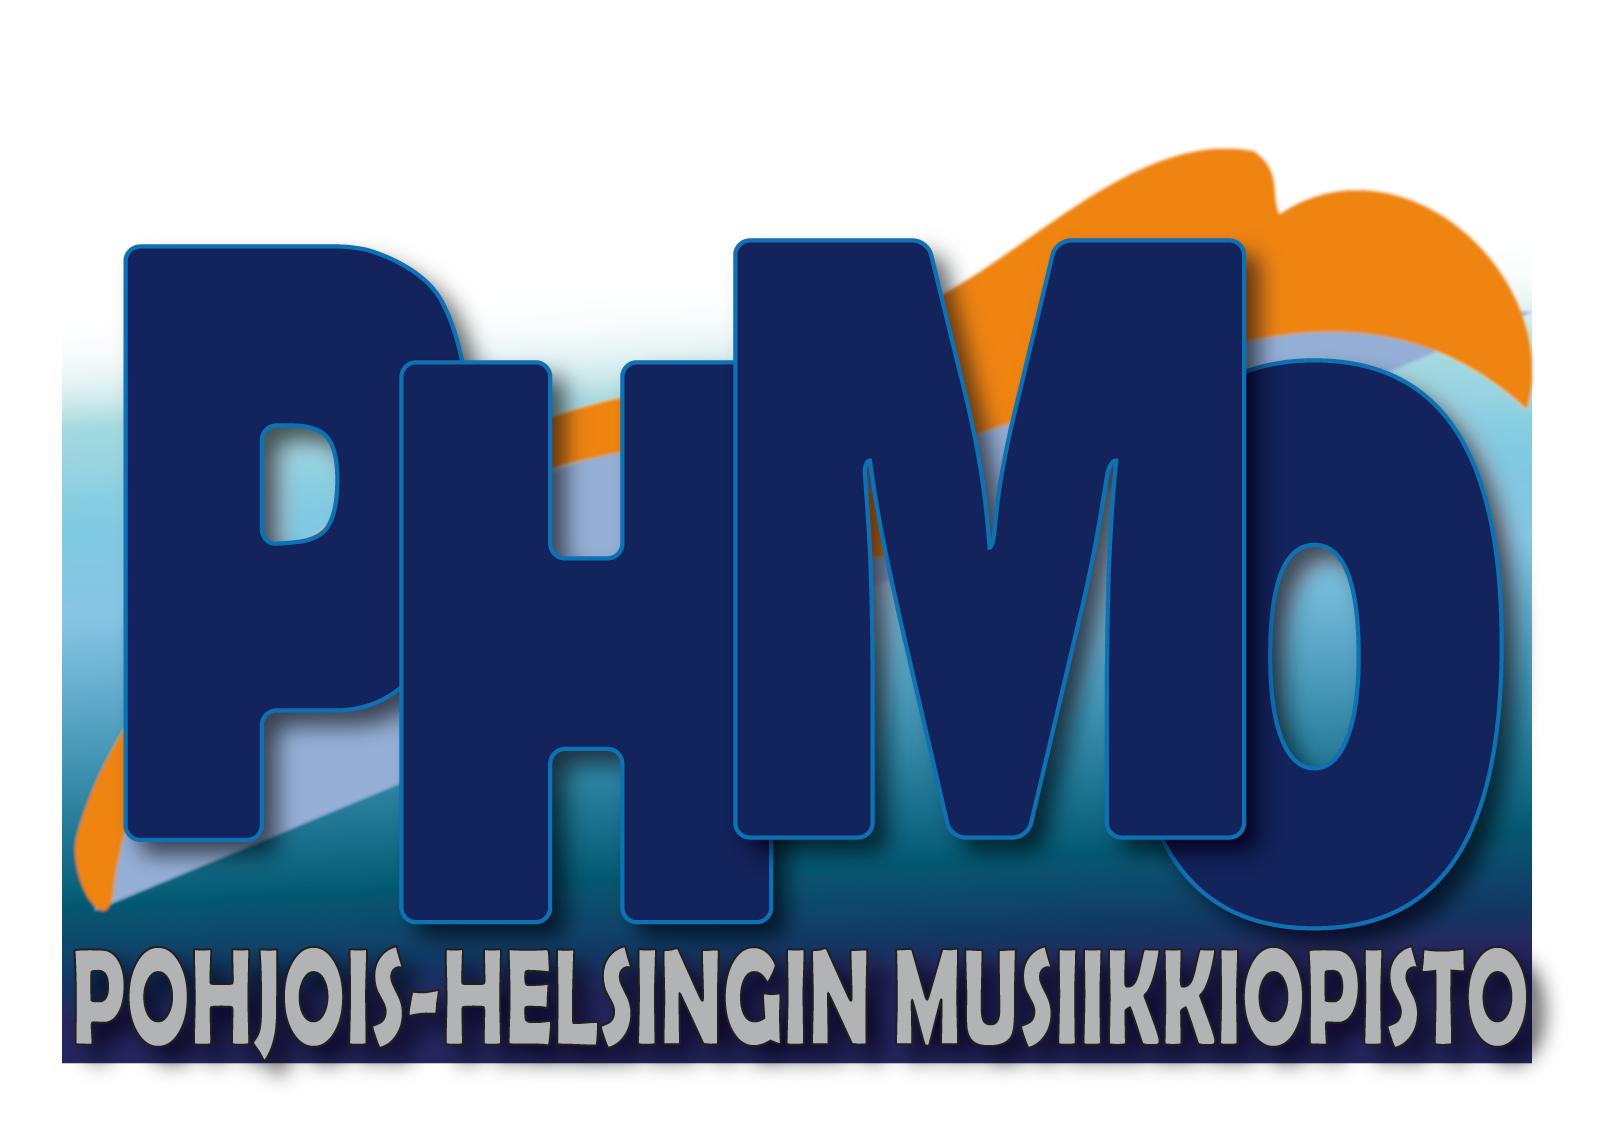 Pohjois-Helsingin musiikkiopisto